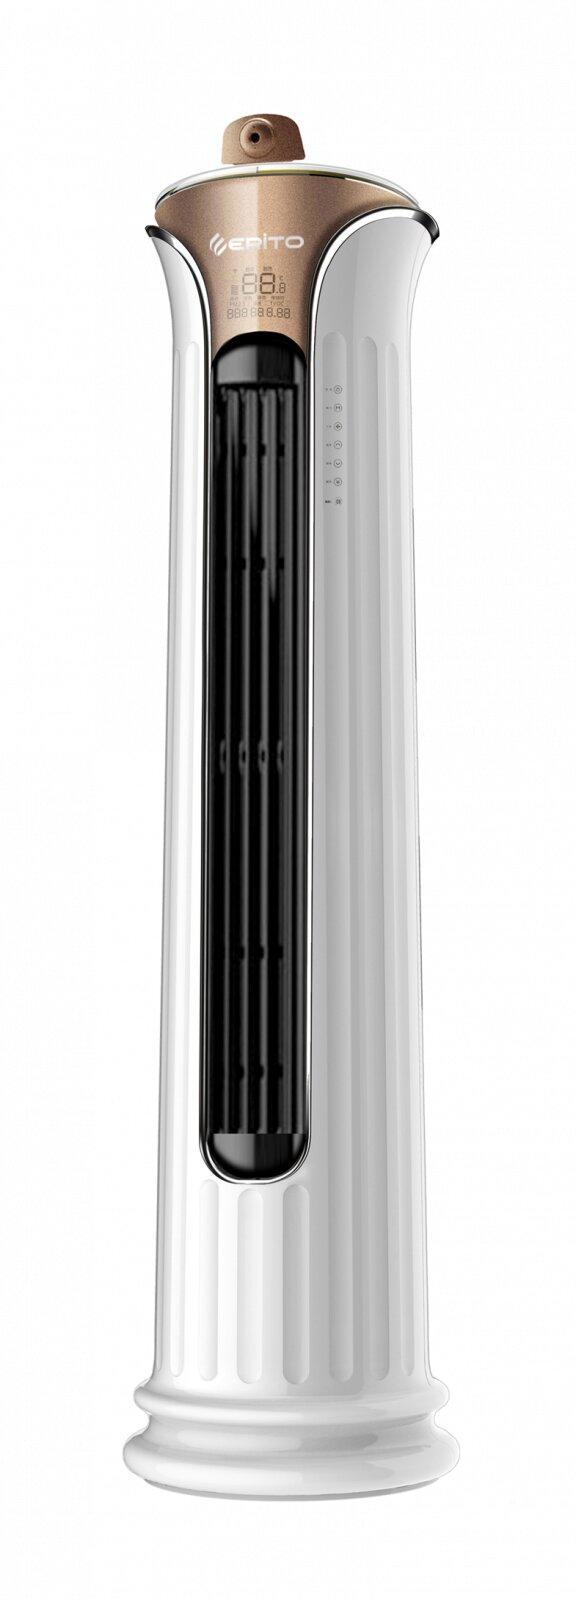 Điều hòa Erito ETI-FS30HS1 - tủ đứng, 2 chiều, 30000BTU